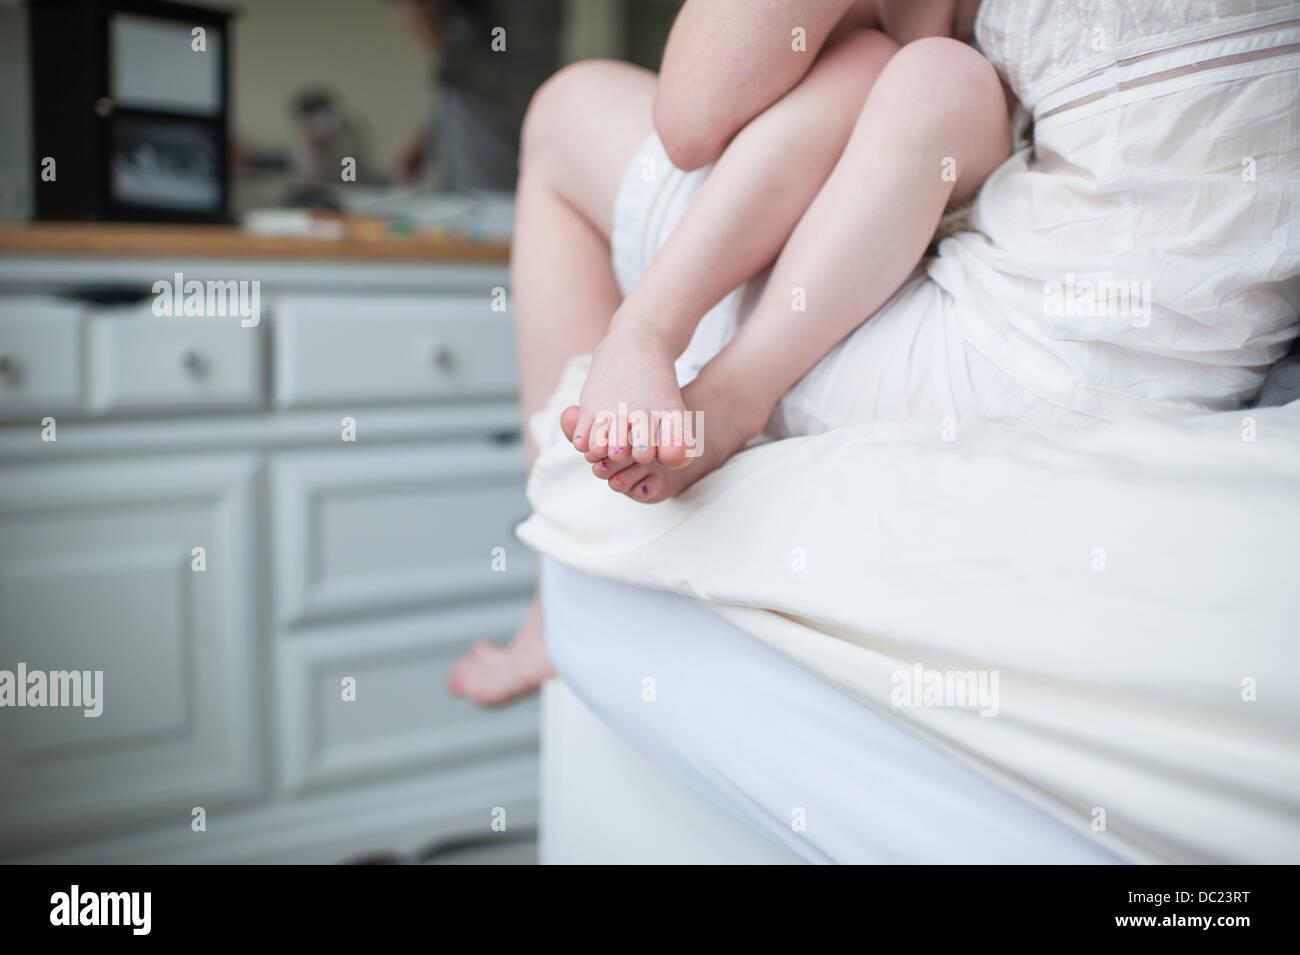 Tochter sitzen auf Mutters Knie, zugeschnittene Zusammensetzung der nackten Beine und Füße Stockbild